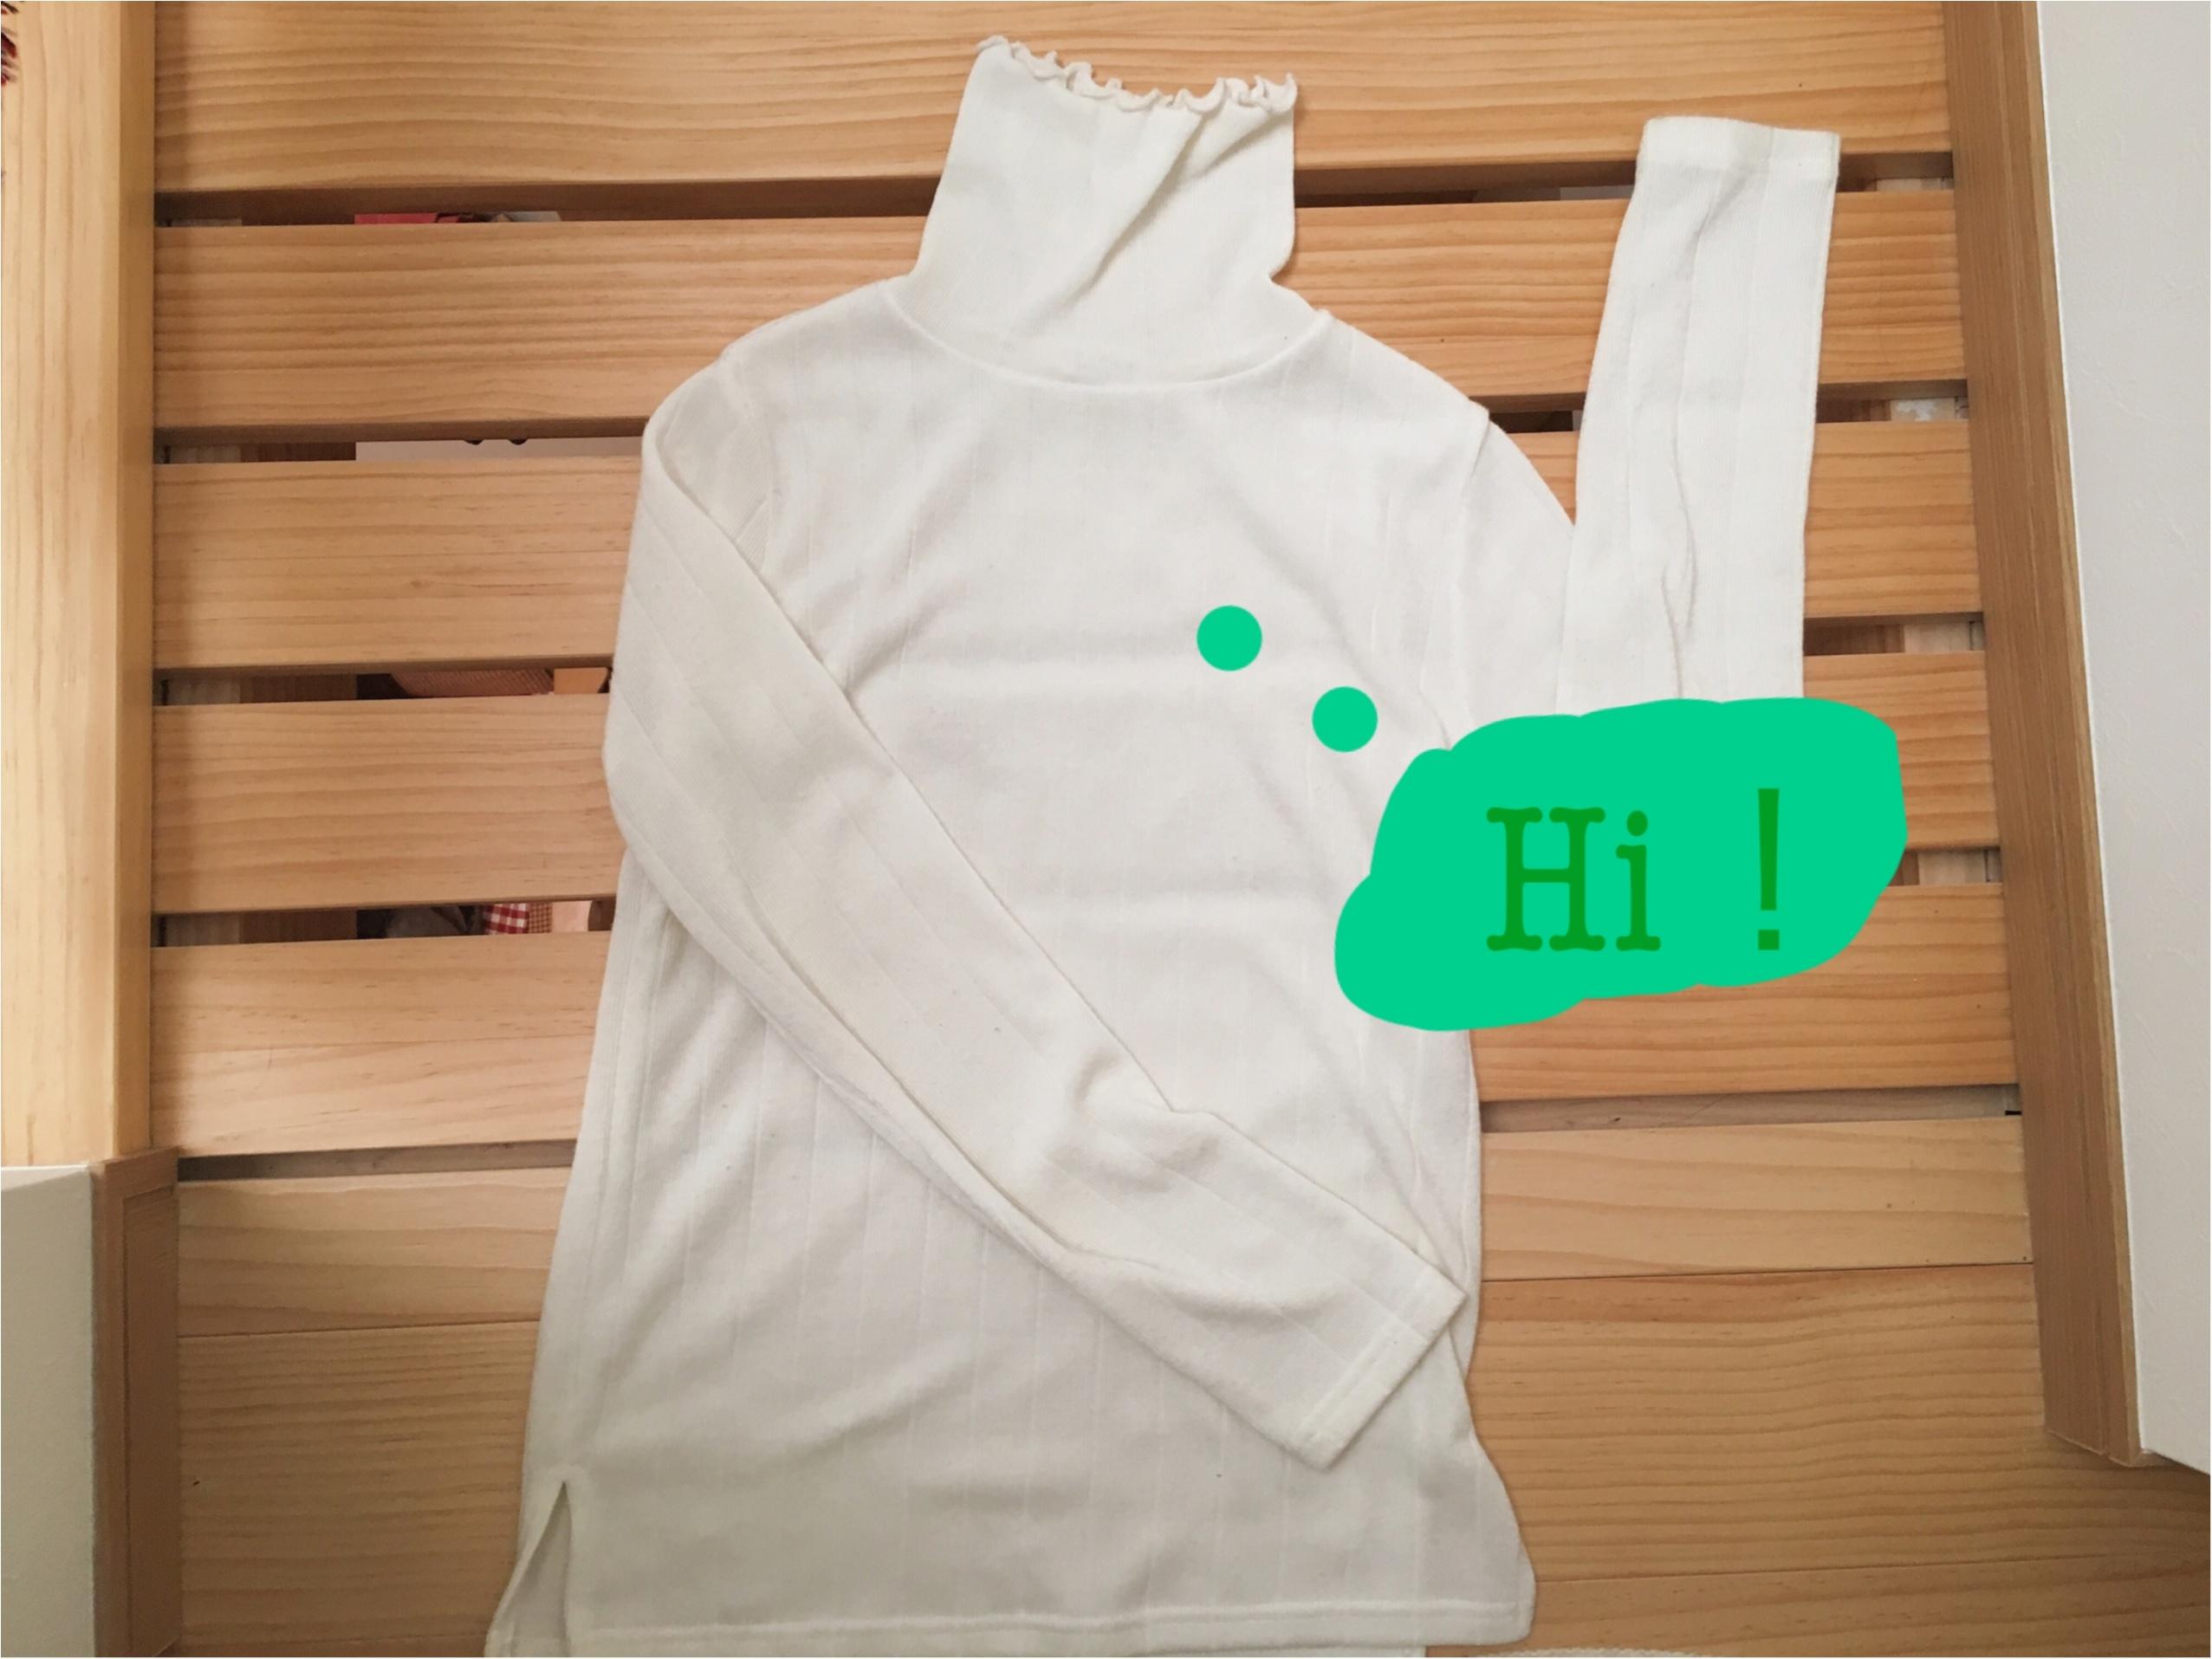 ★【DHOLIC】ハイネックリブTシャツをON・OFFで着回し!コーデ2パターンご紹介❤️_1